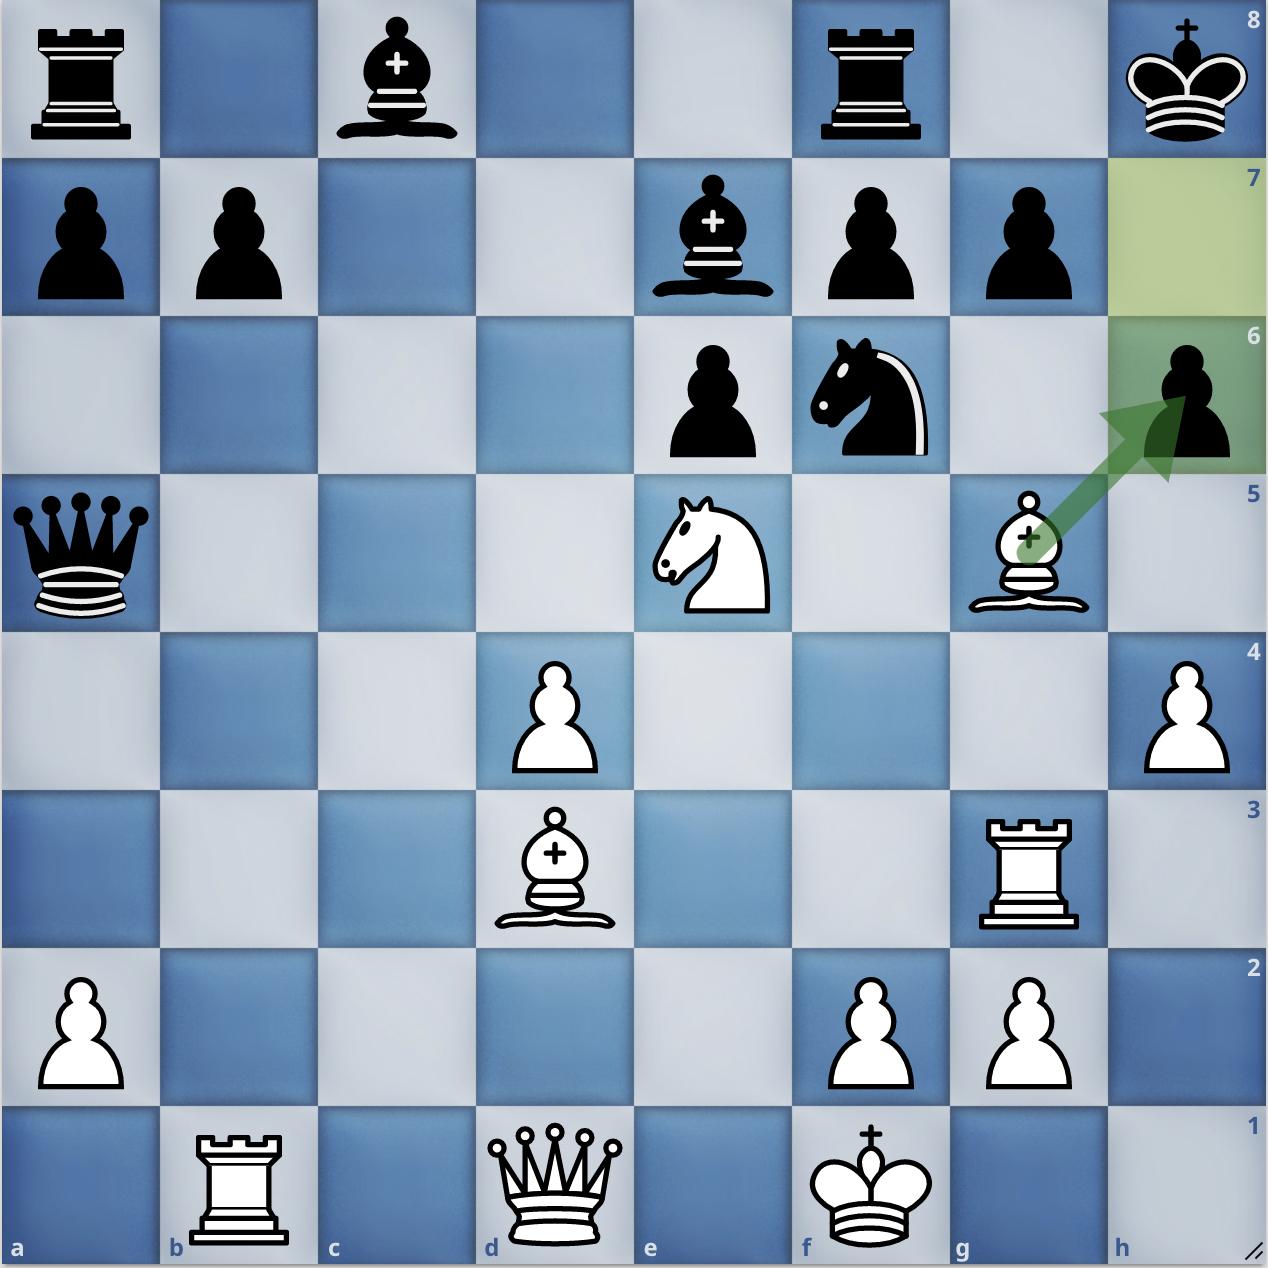 Thế cờ sau 16...h6. Đen muốn đe doạ tượng, nhưng Carlsen tiếp tục thí tượng vào tốt h6. Sau khi tốt đen cột g ăn lên h6, vua đen đã chết cứng ở h8.